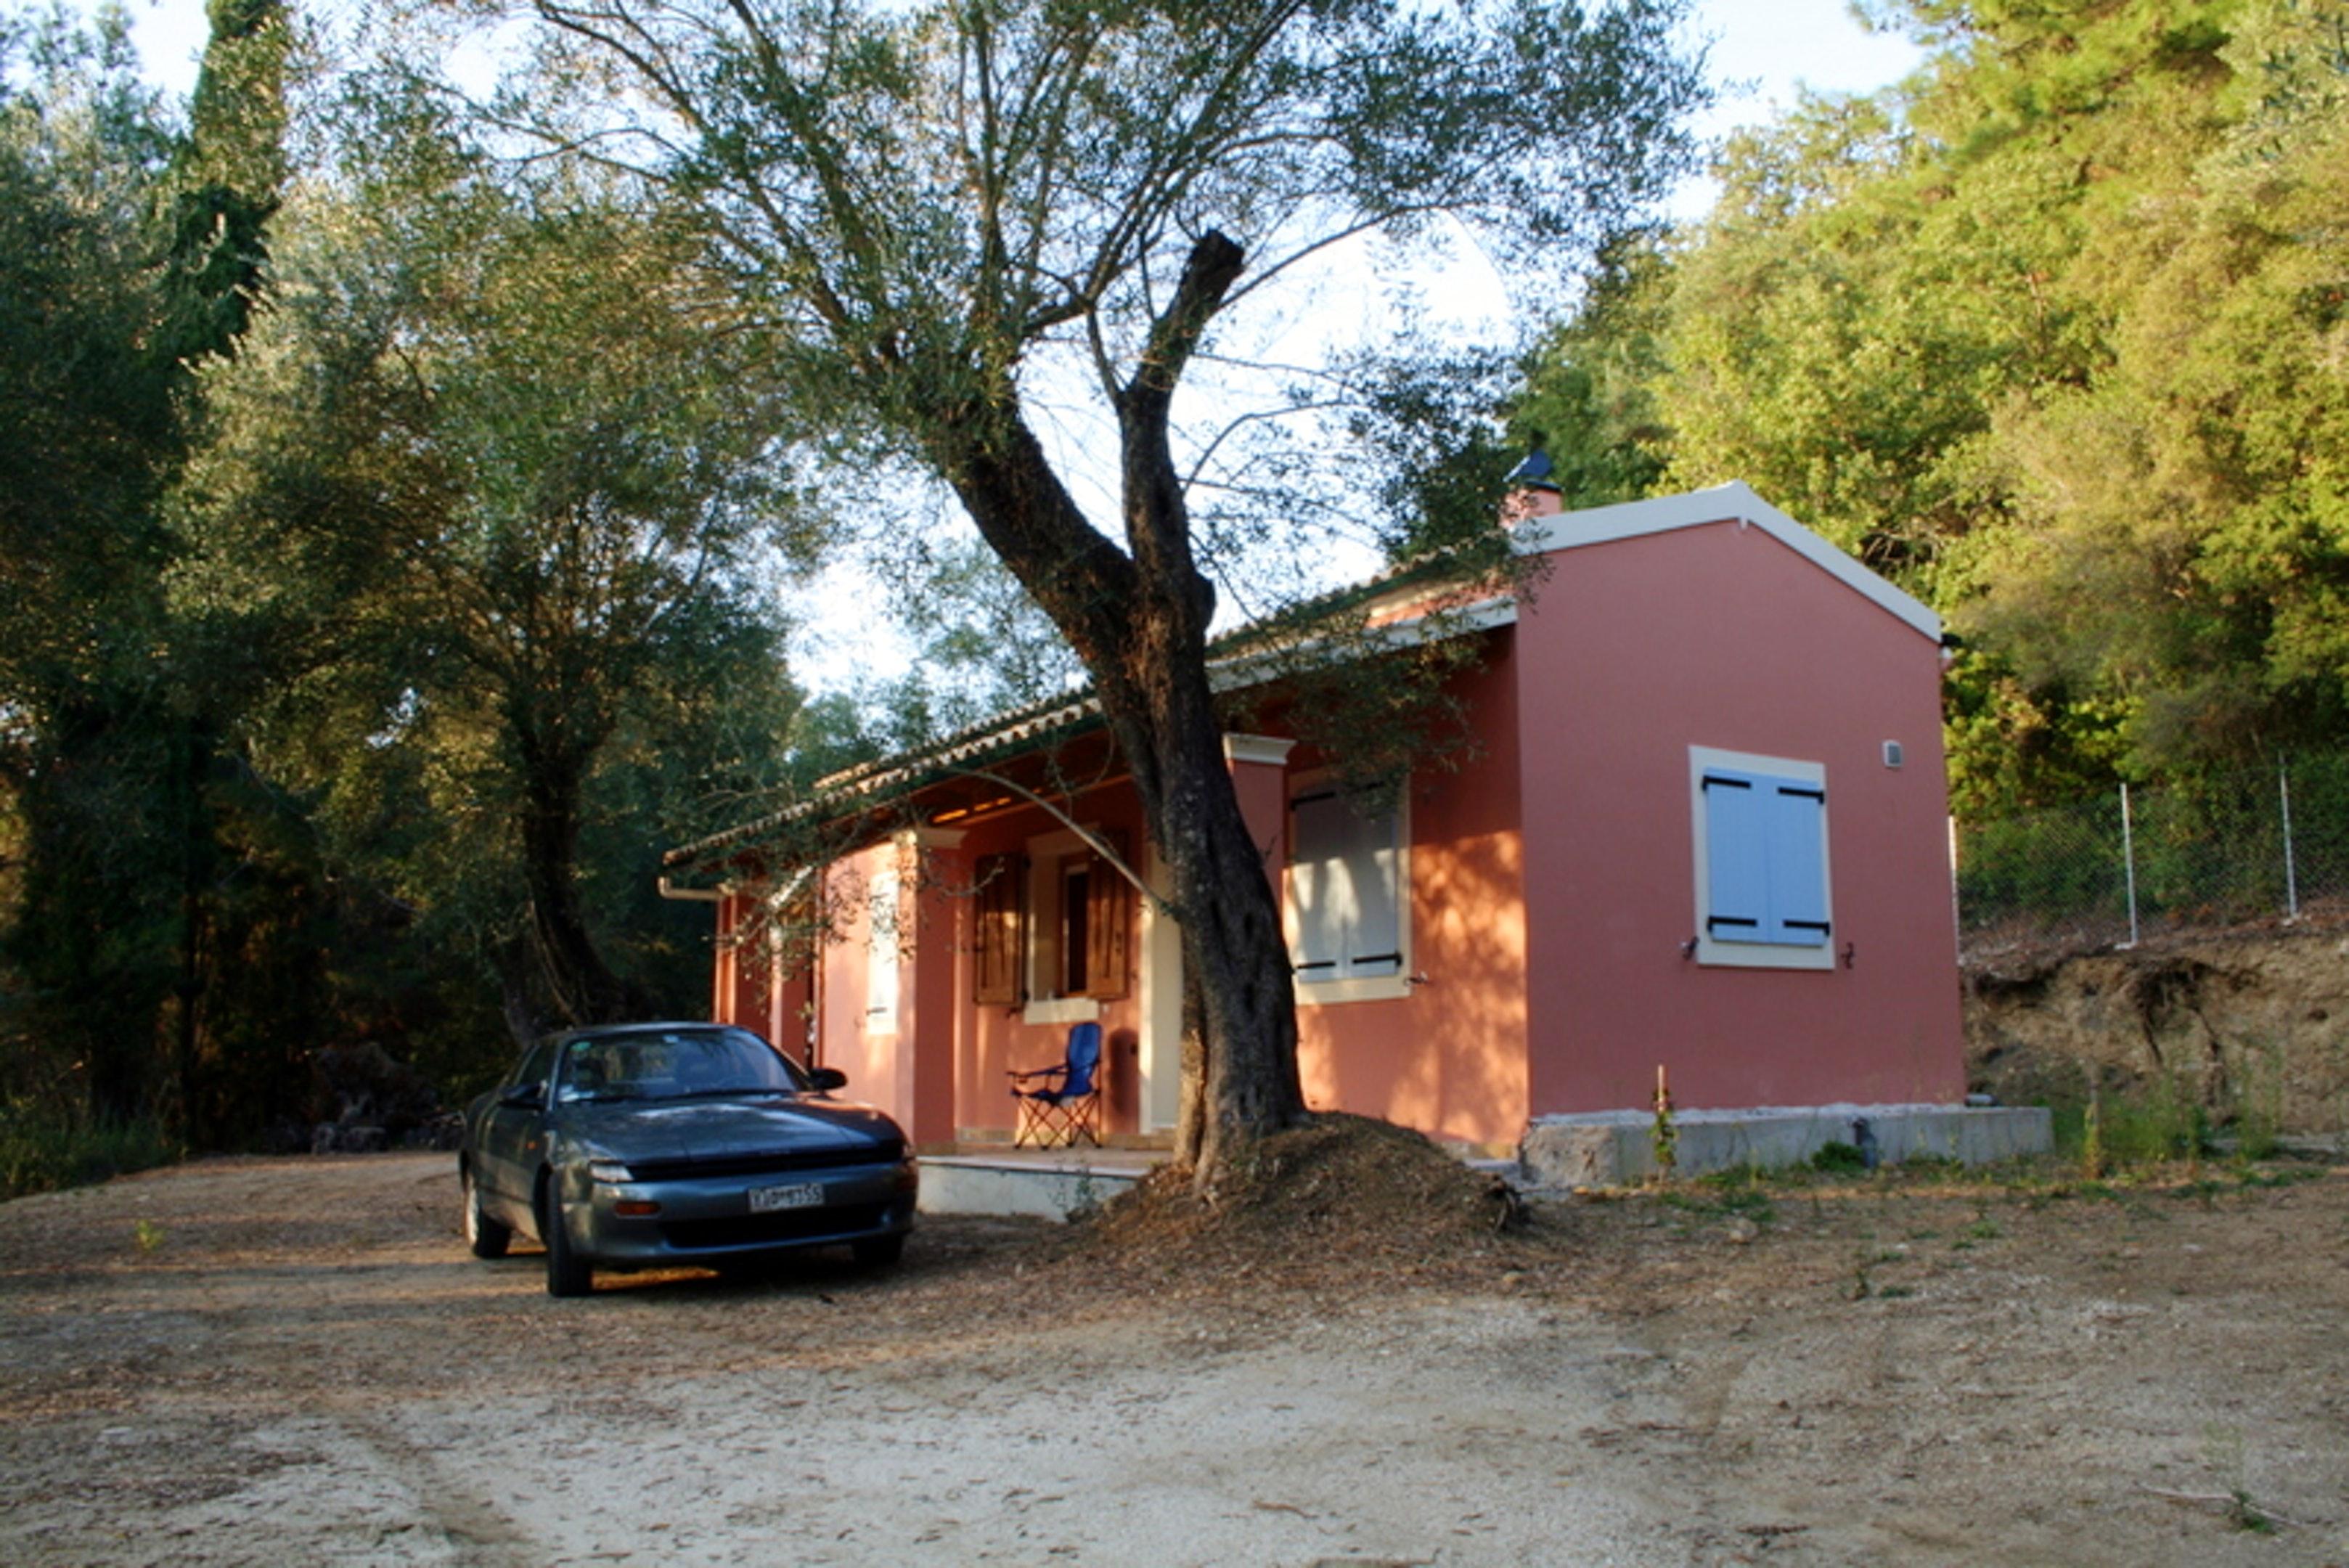 Maison de vacances Haus mit 2 Schlafzimmern in Corfou mit toller Aussicht auf die Berge (2202447), Moraitika, Corfou, Iles Ioniennes, Grèce, image 15